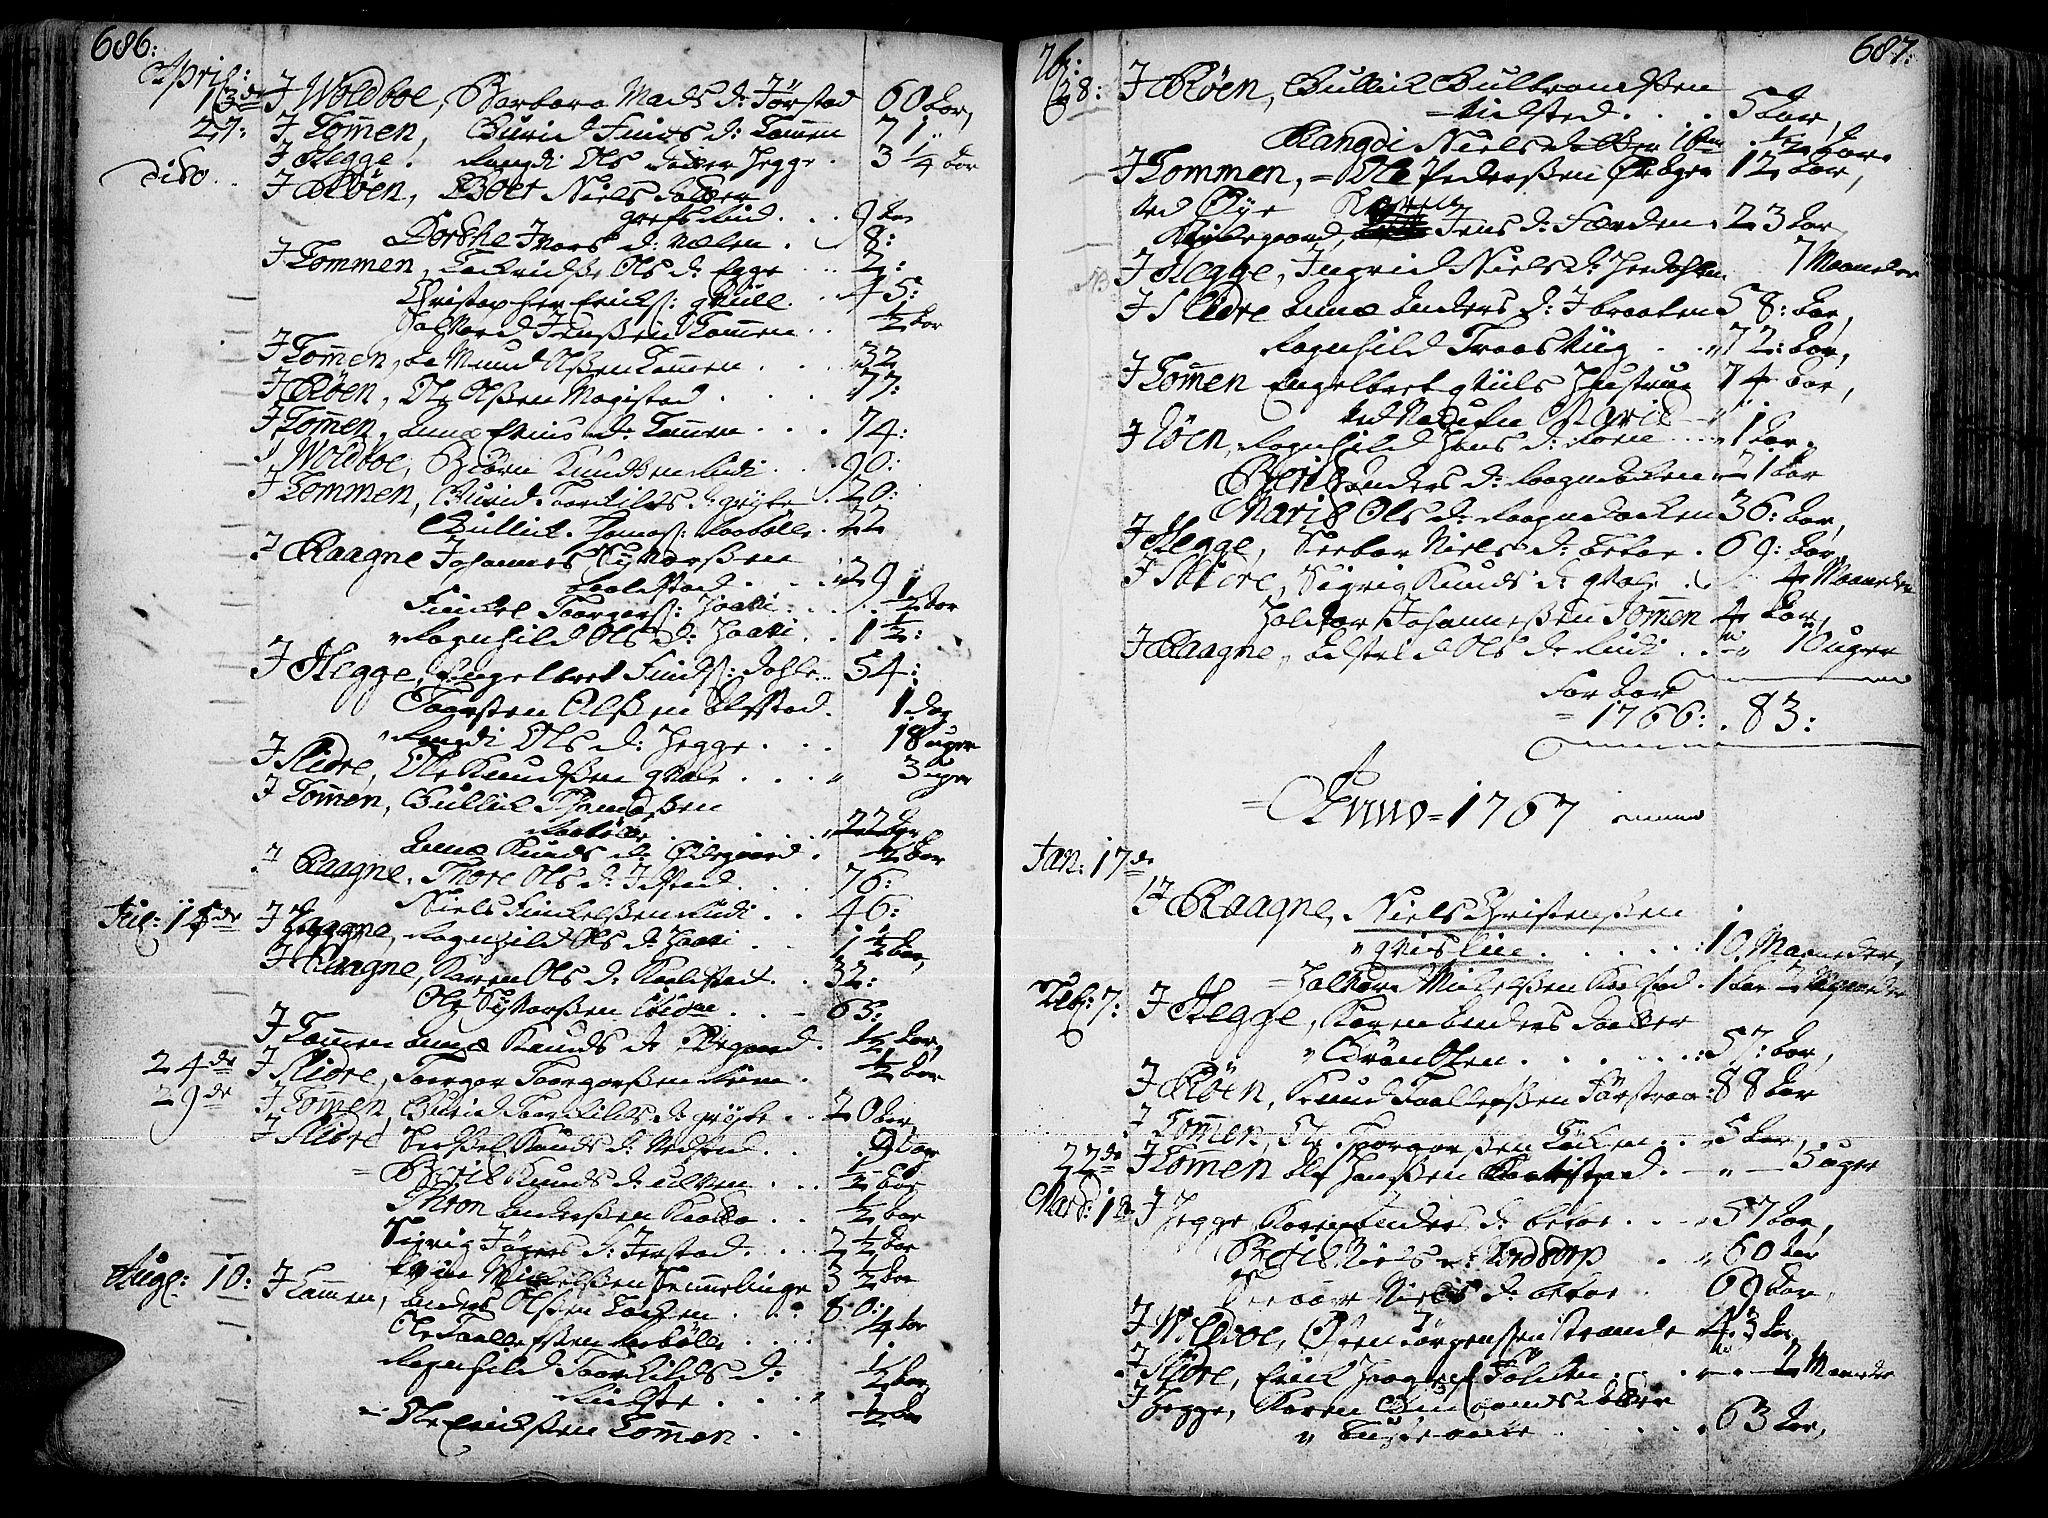 SAH, Slidre prestekontor, Ministerialbok nr. 1, 1724-1814, s. 686-687